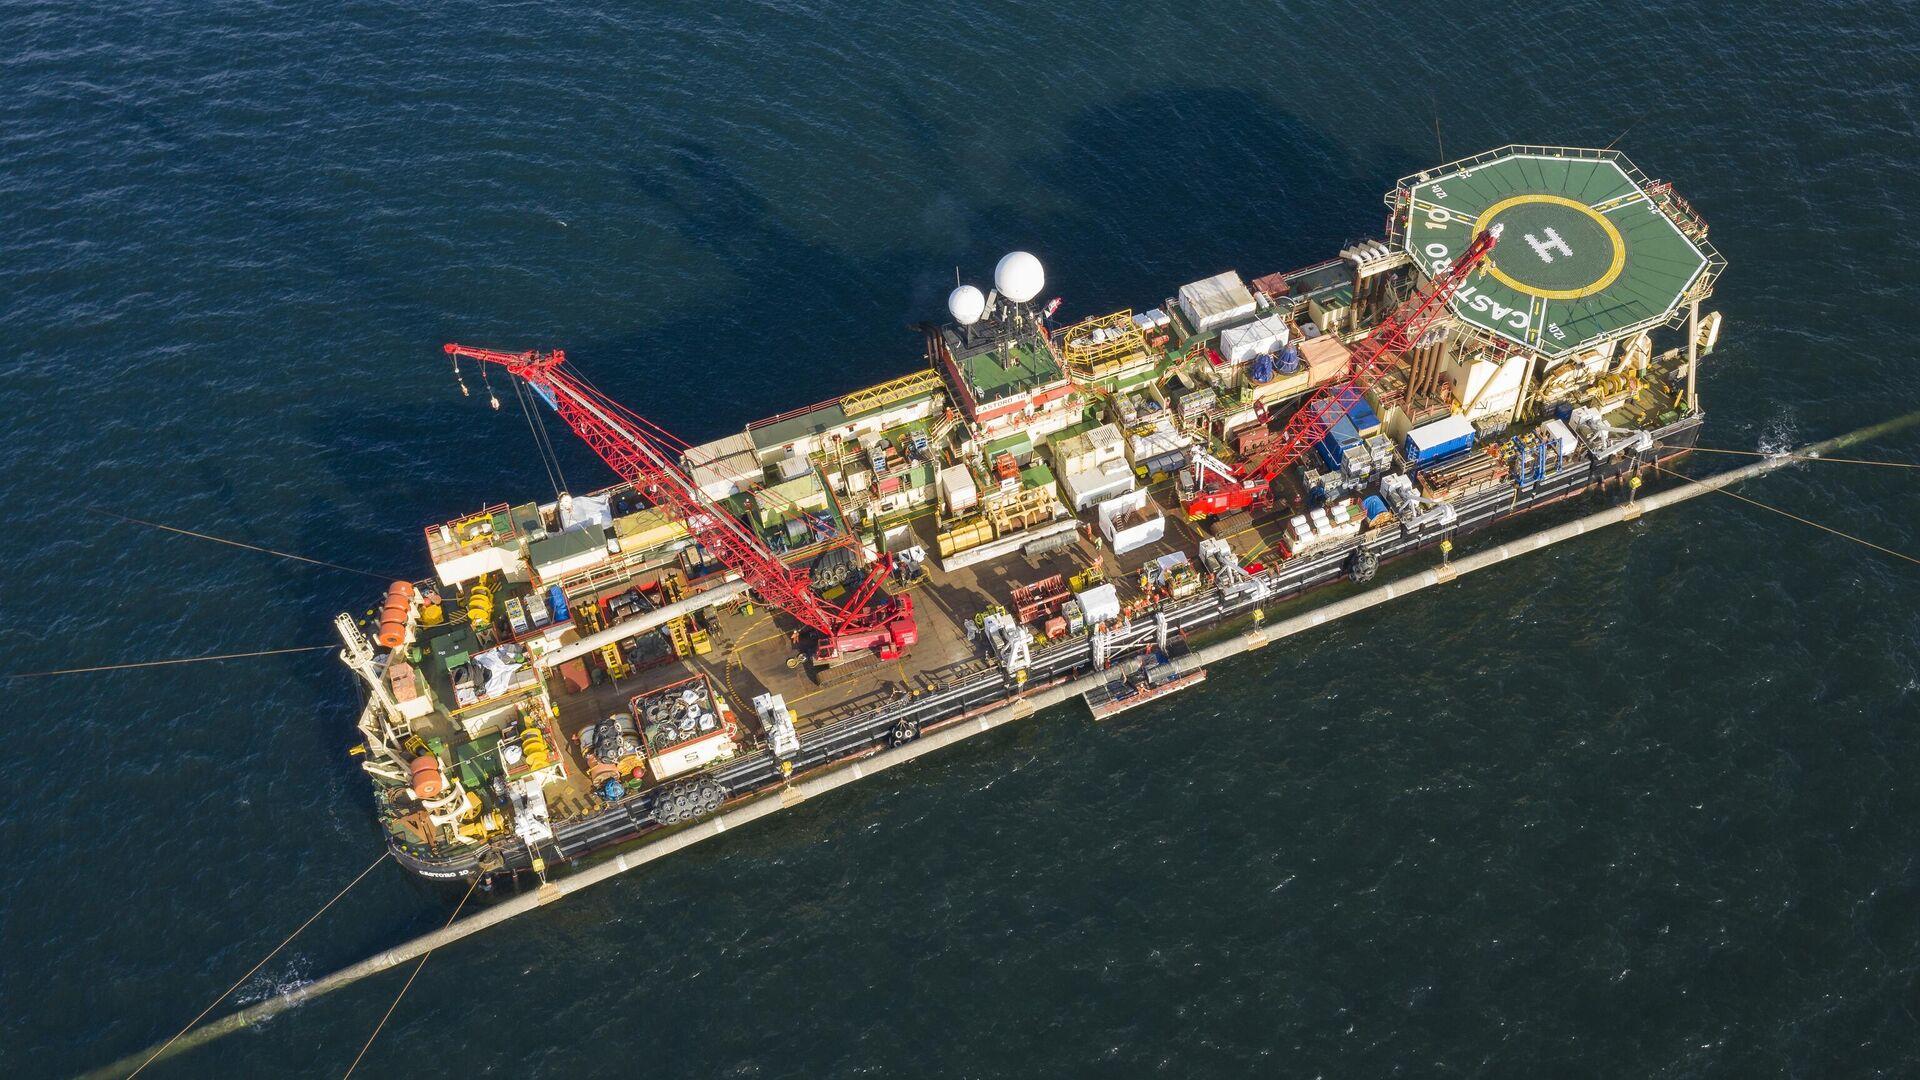 Обрезка труб производится на платформе по левому борту Castoro 10 морской части газопровода Северный поток — 2 - РИА Новости, 1920, 06.09.2020